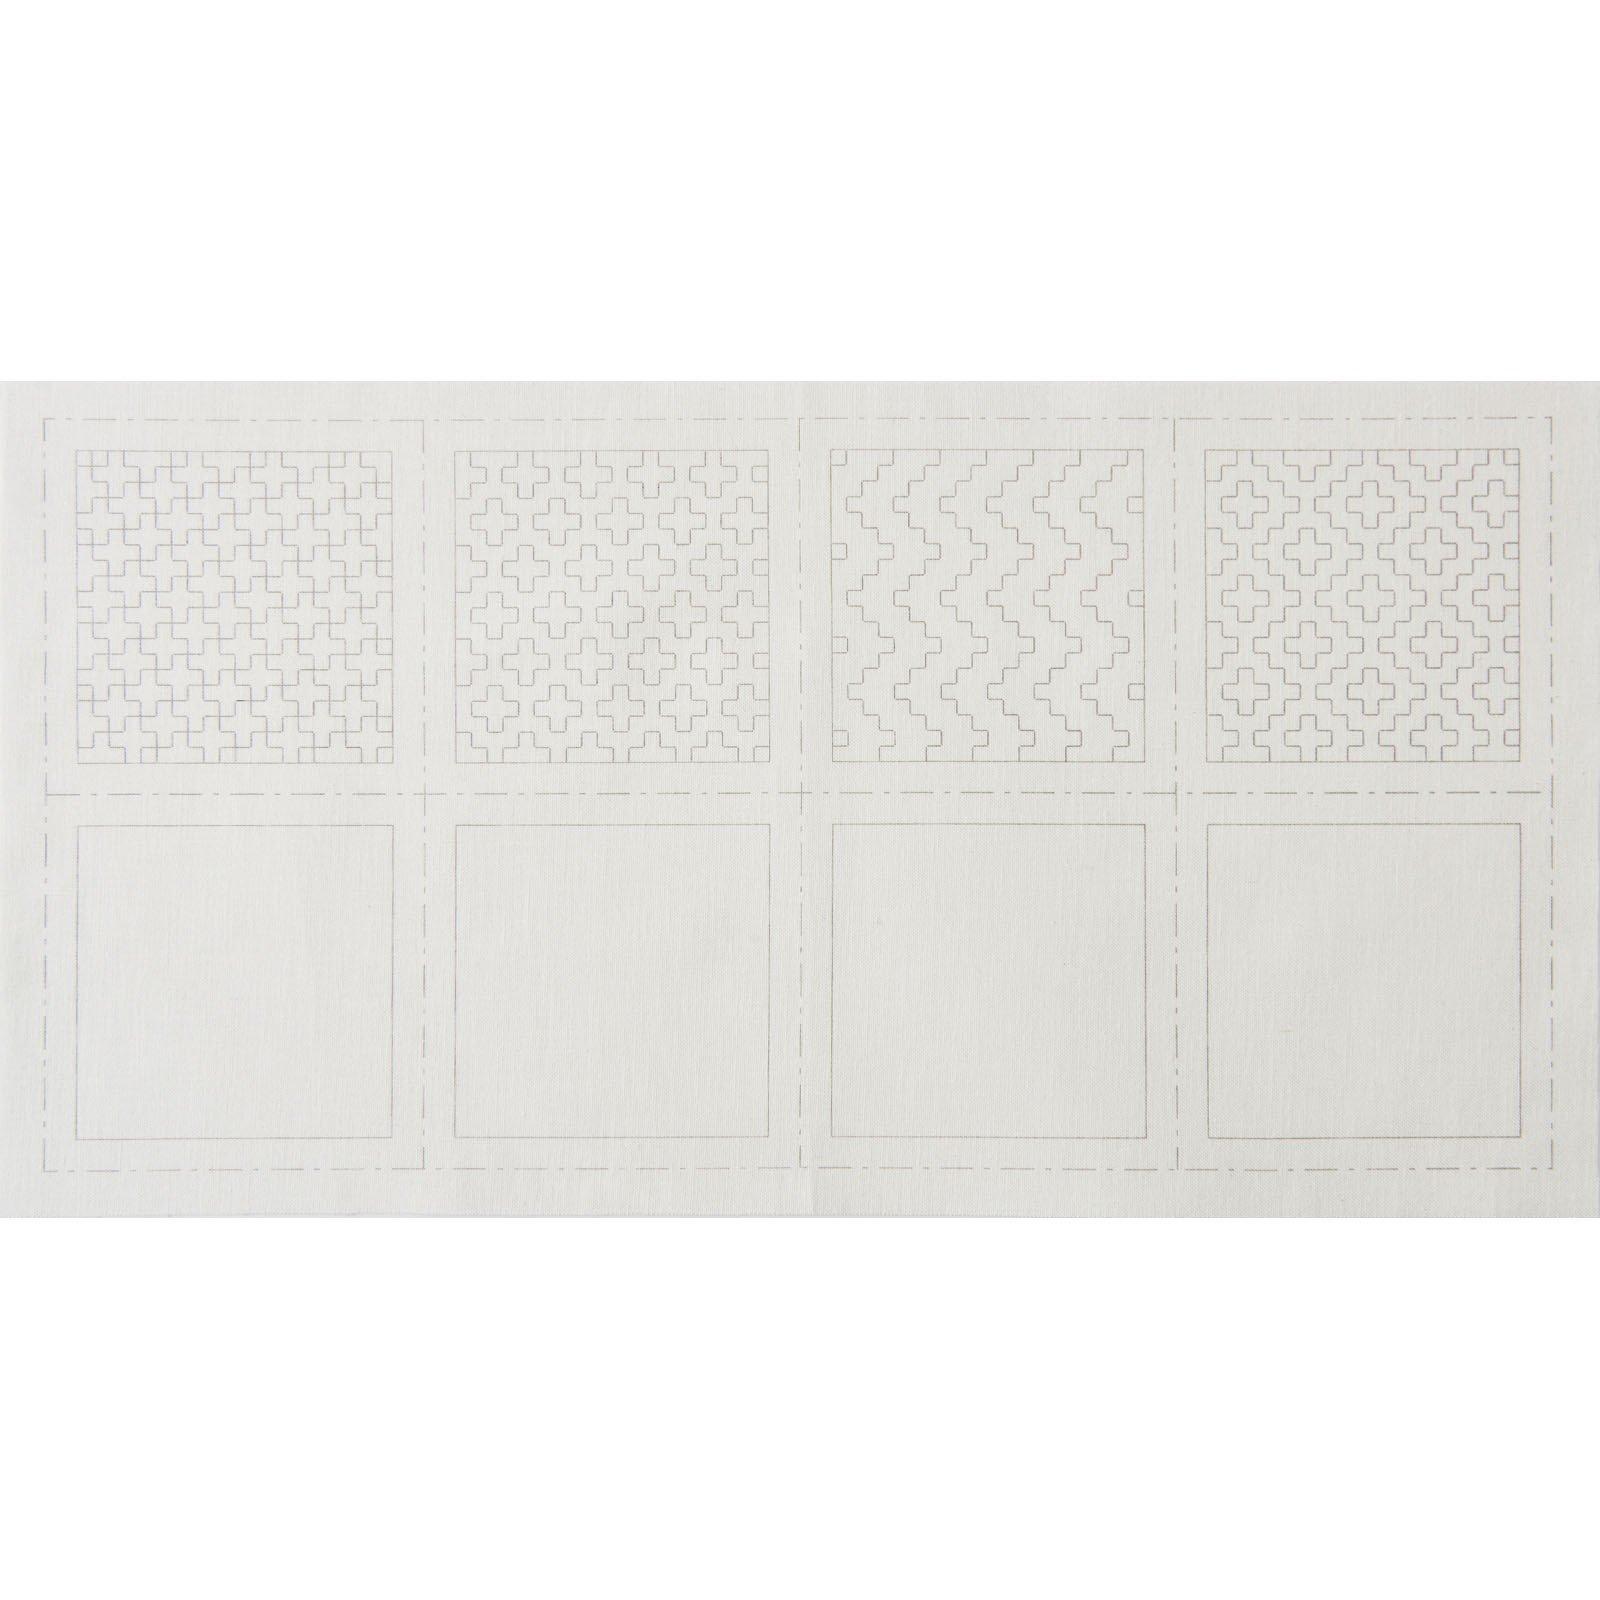 Hidamari Sashiko Pre-Printed Coaster Set #3 on White - LEN98903